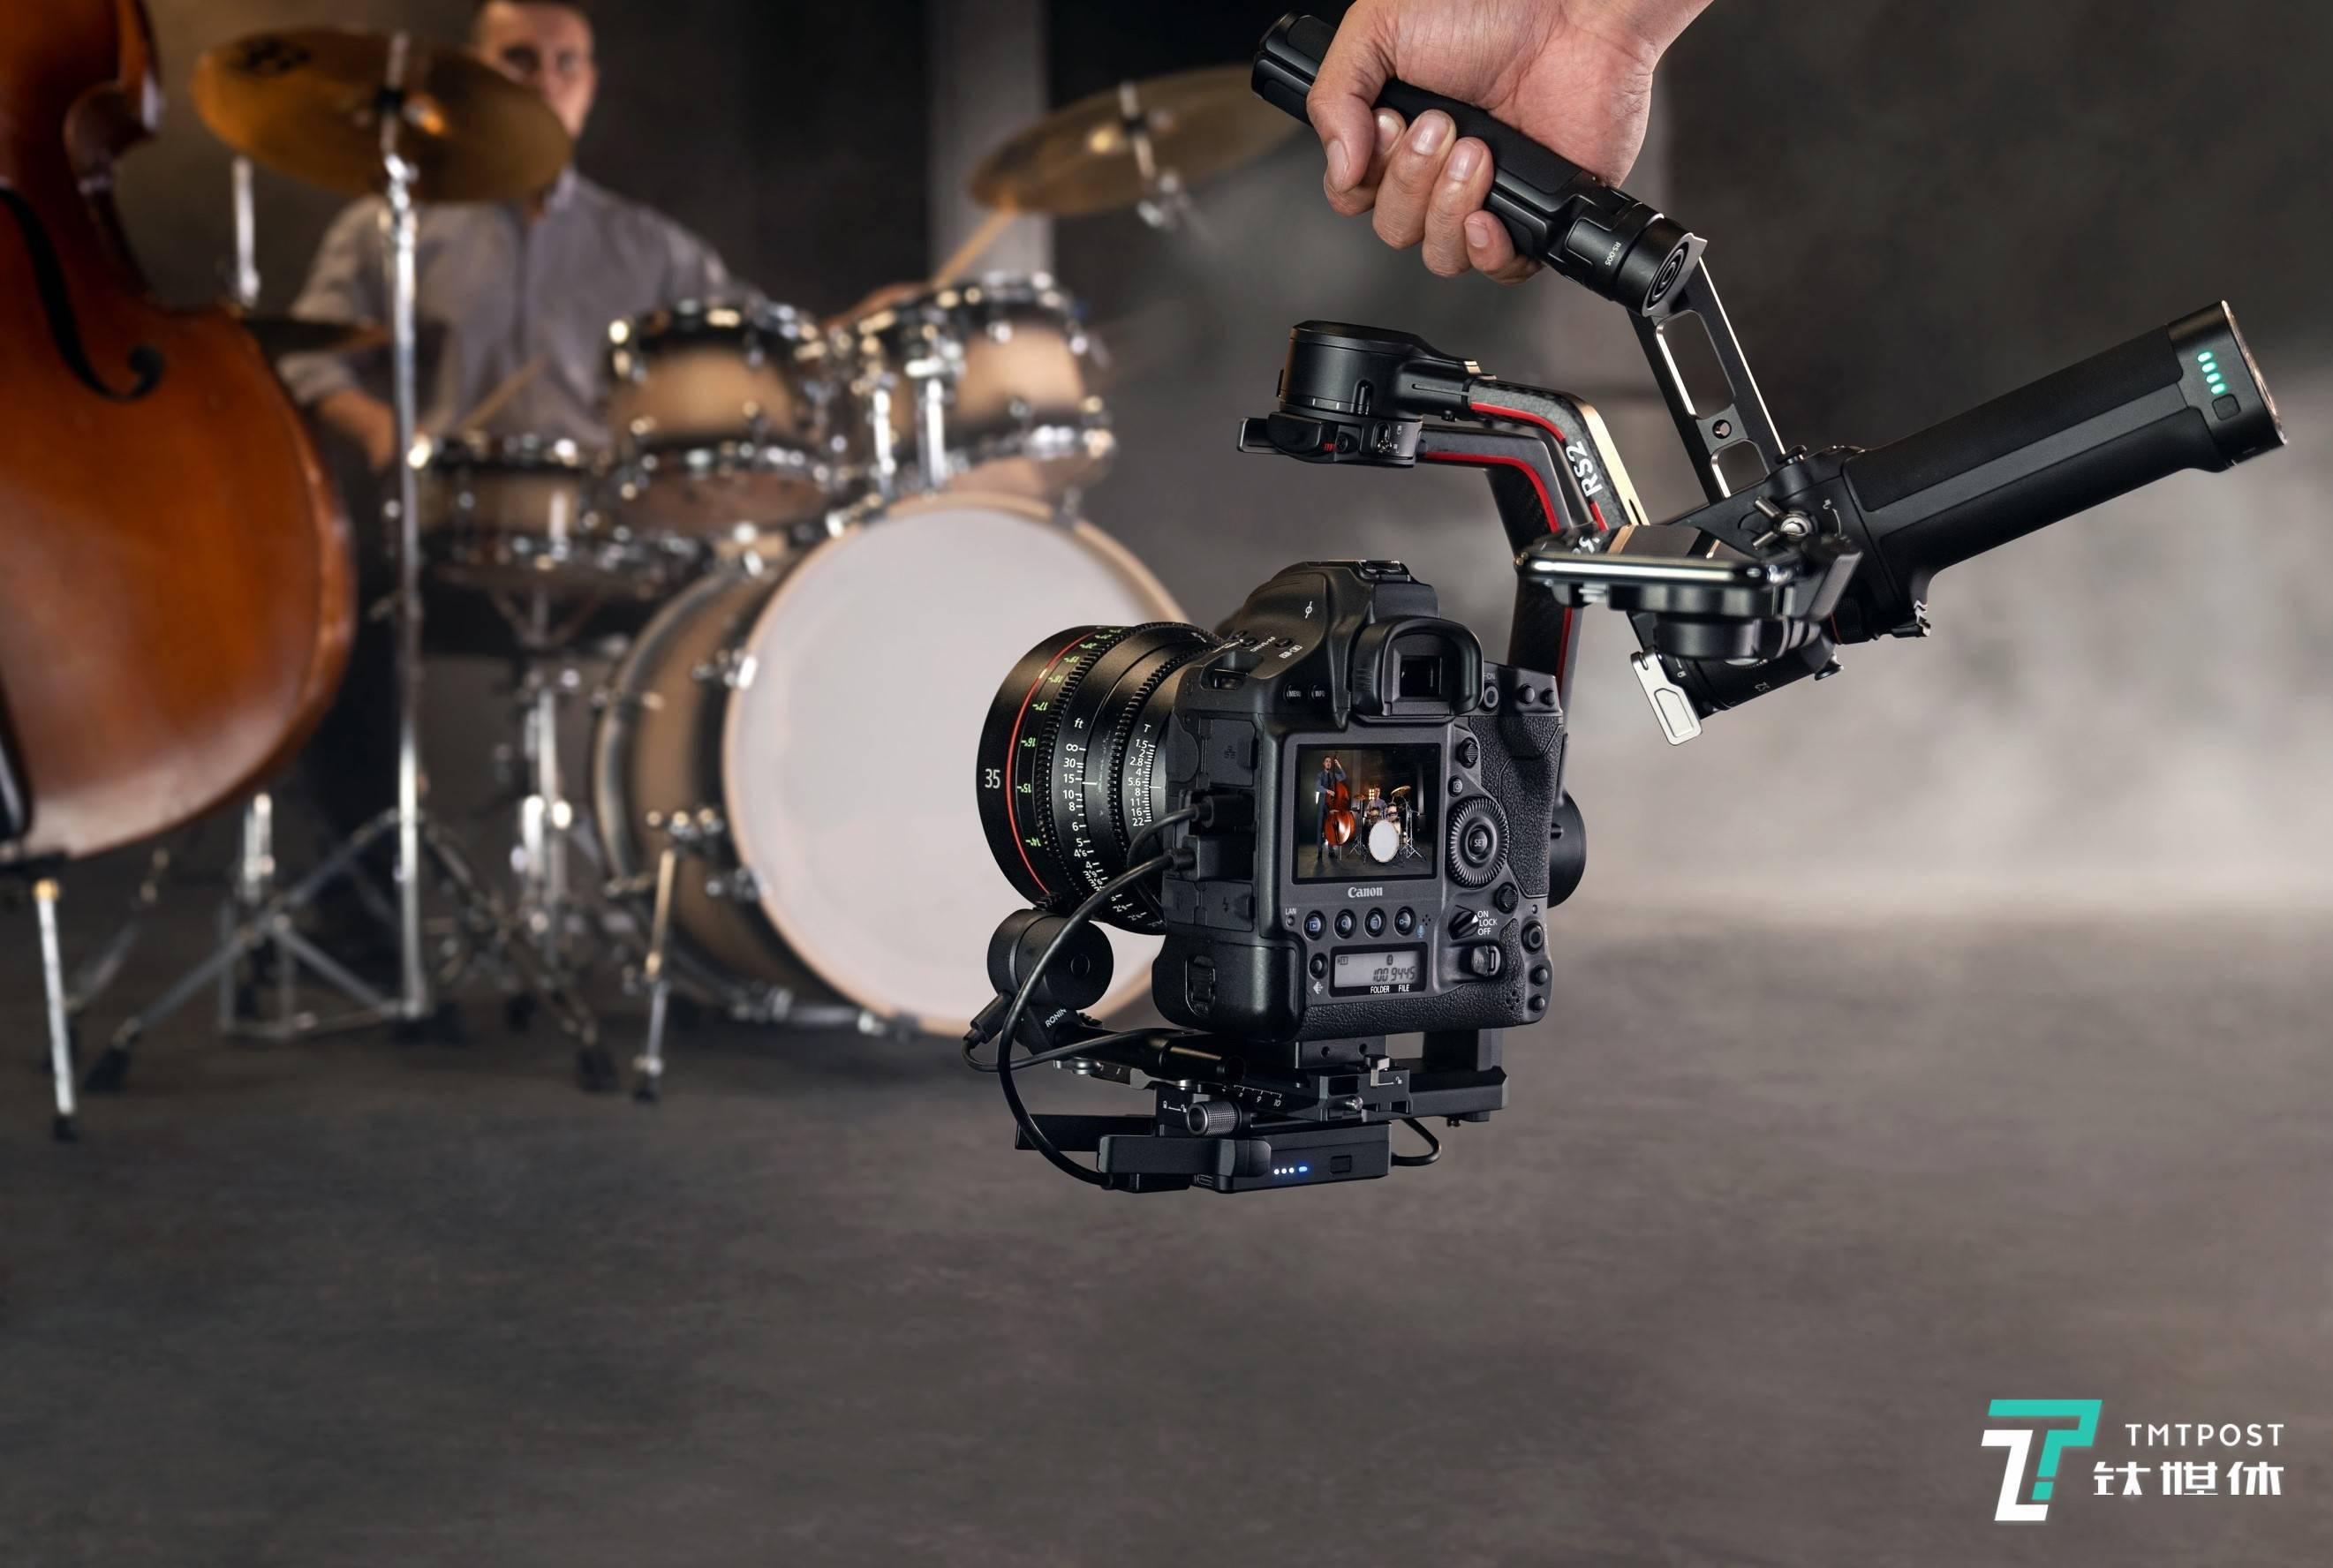 重量减轻,承重翻倍,大疆发布手持云台DJI RS 2及DJI RSC 2 | 钛快讯